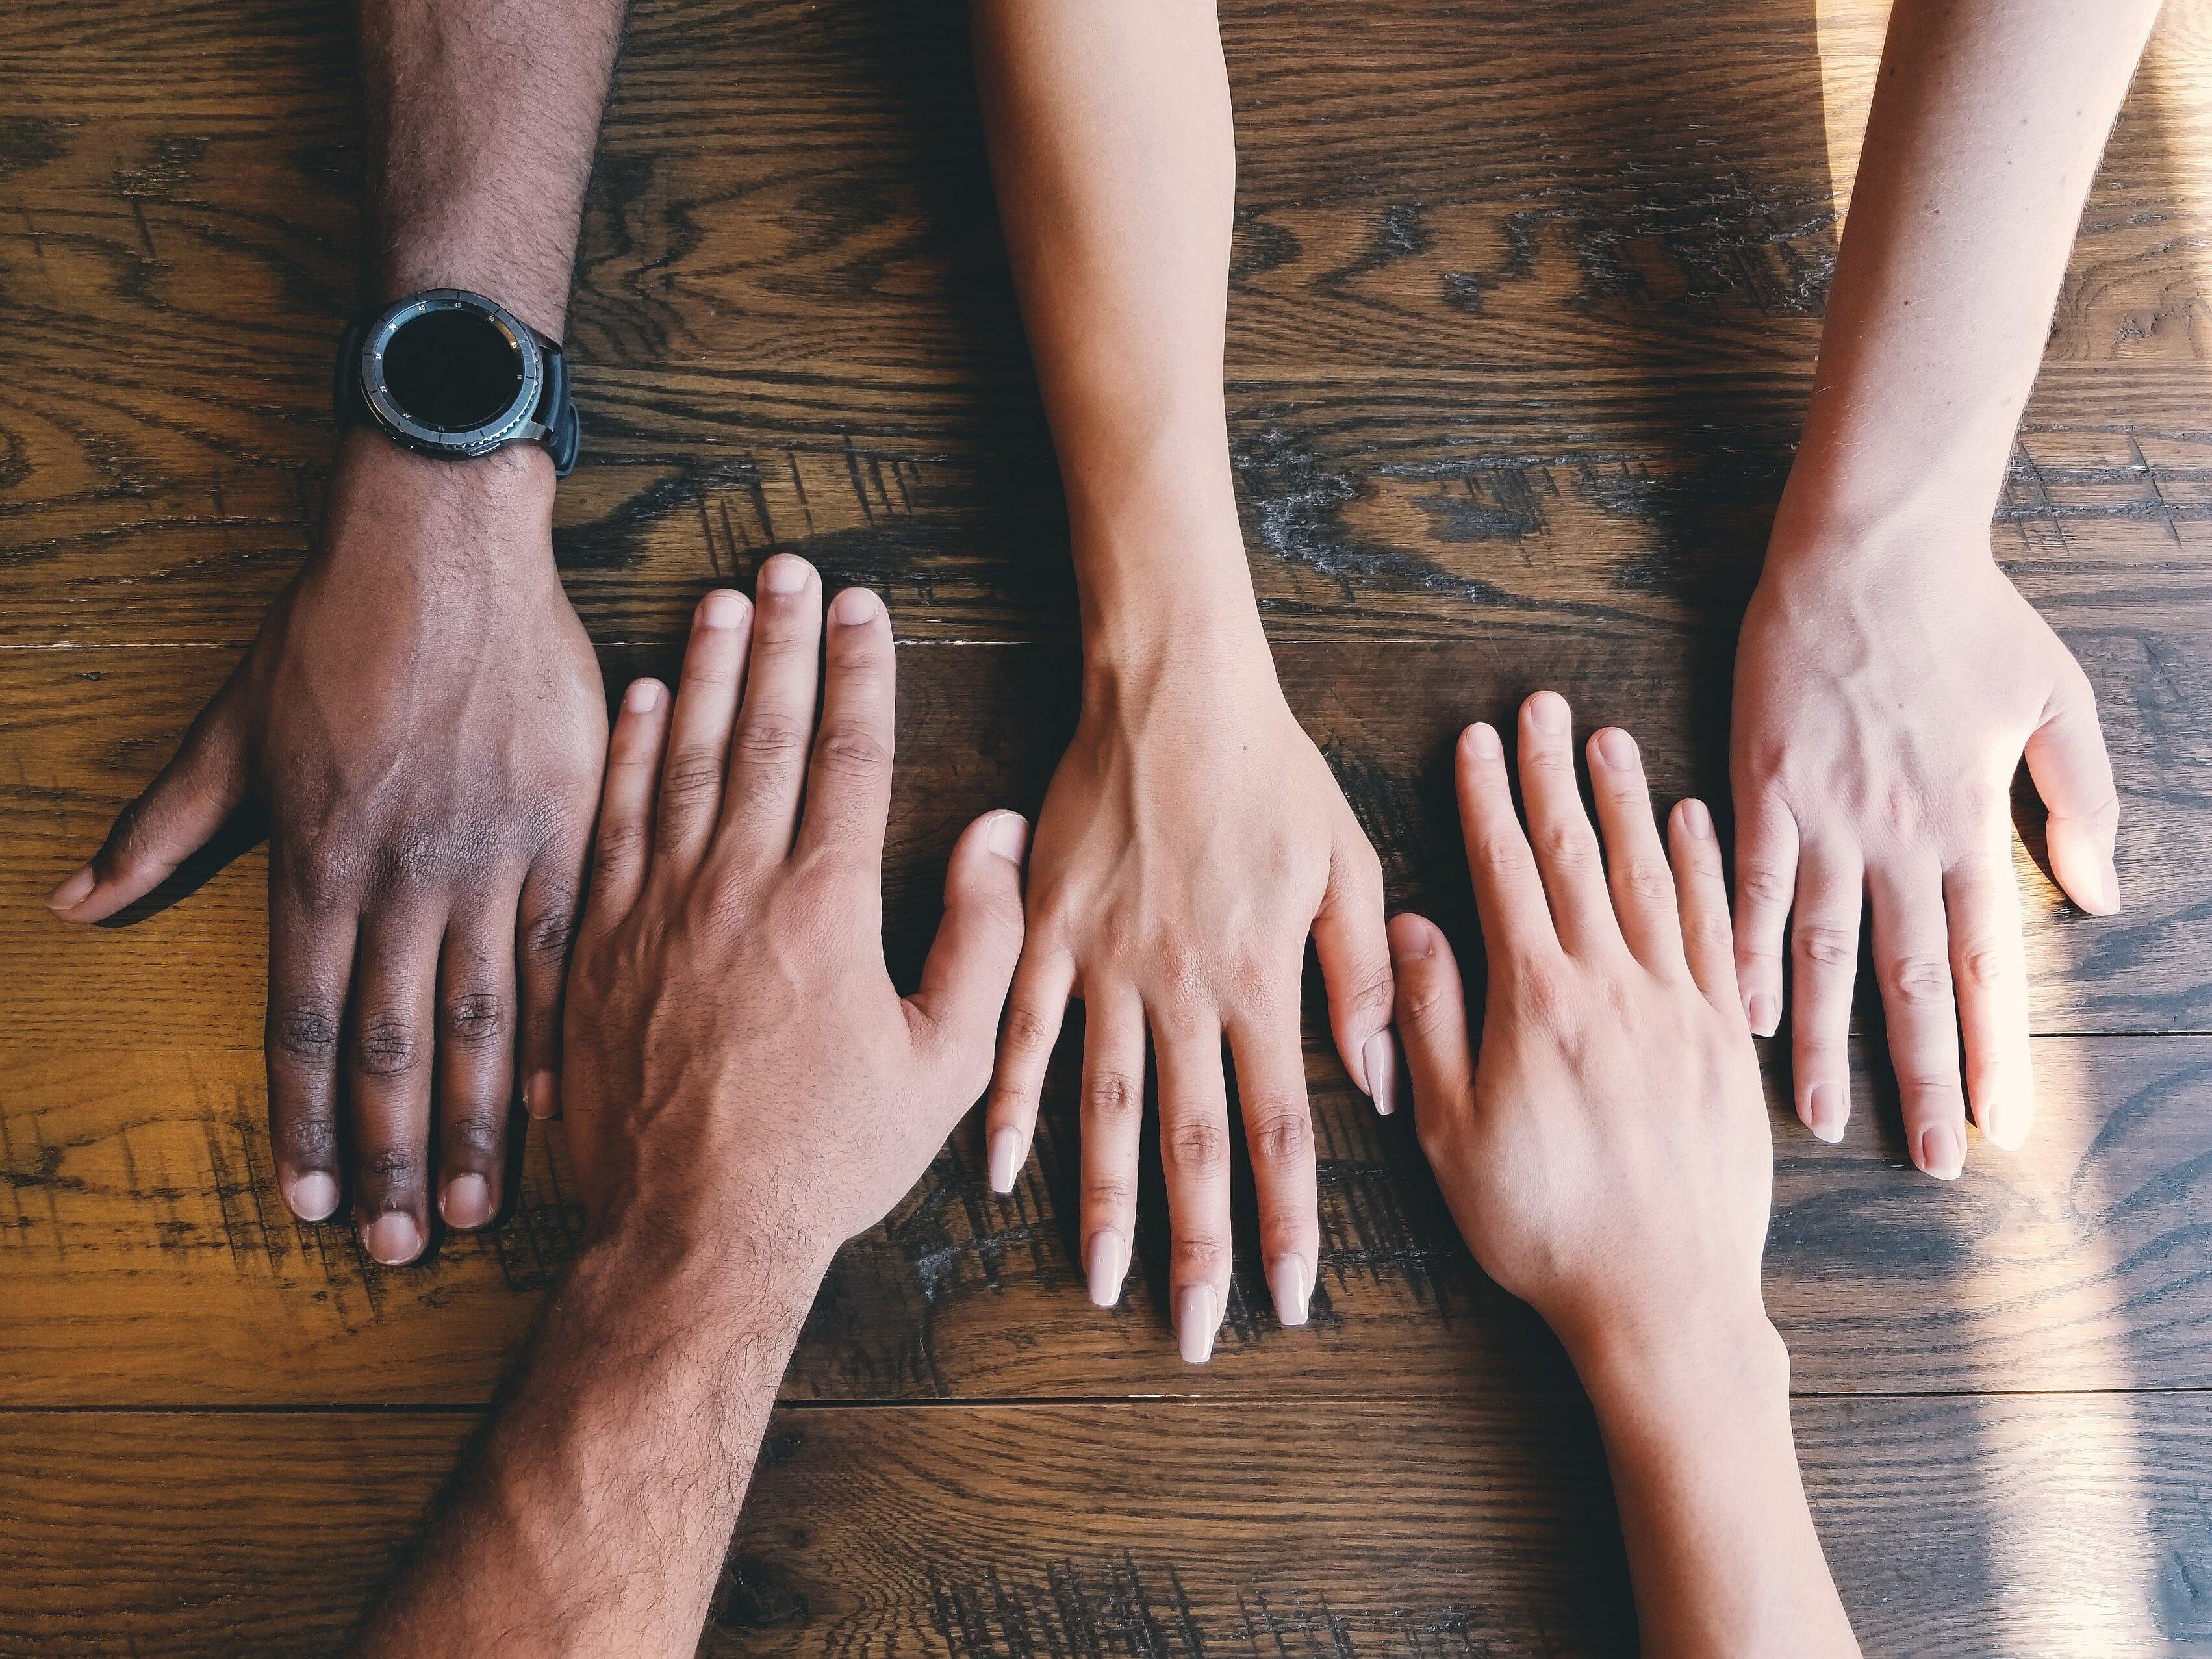 Arme und Hände von verschiedenen Personen, die auf einem Tisch liegen.